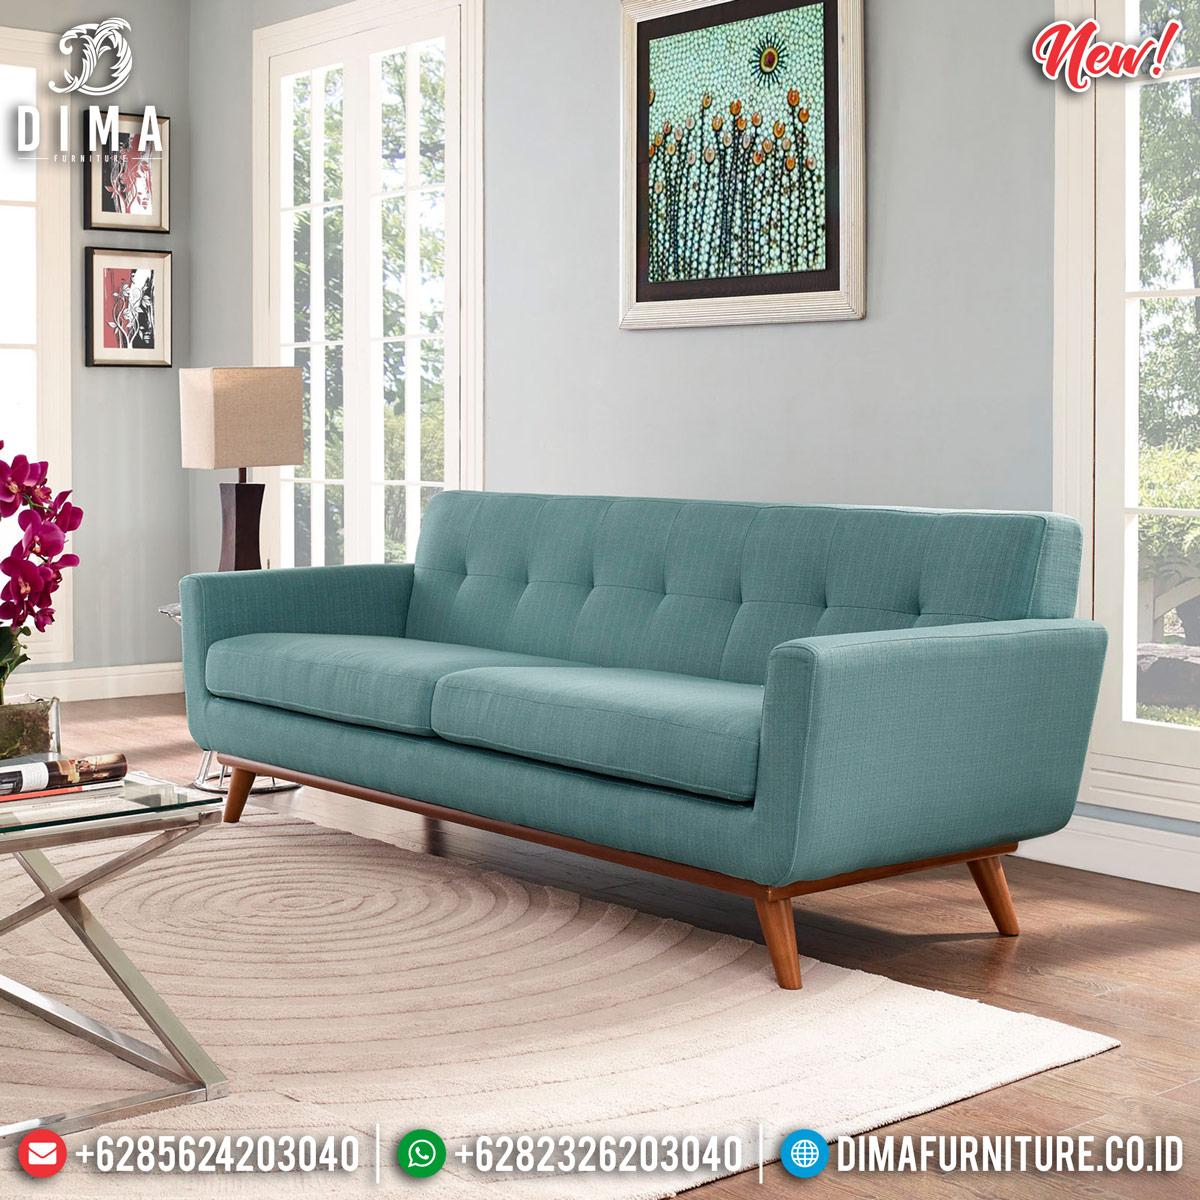 Sofa Minimalis Jepara Simple Minimalist Harga Terjangkau TTJ-0849 Model 2